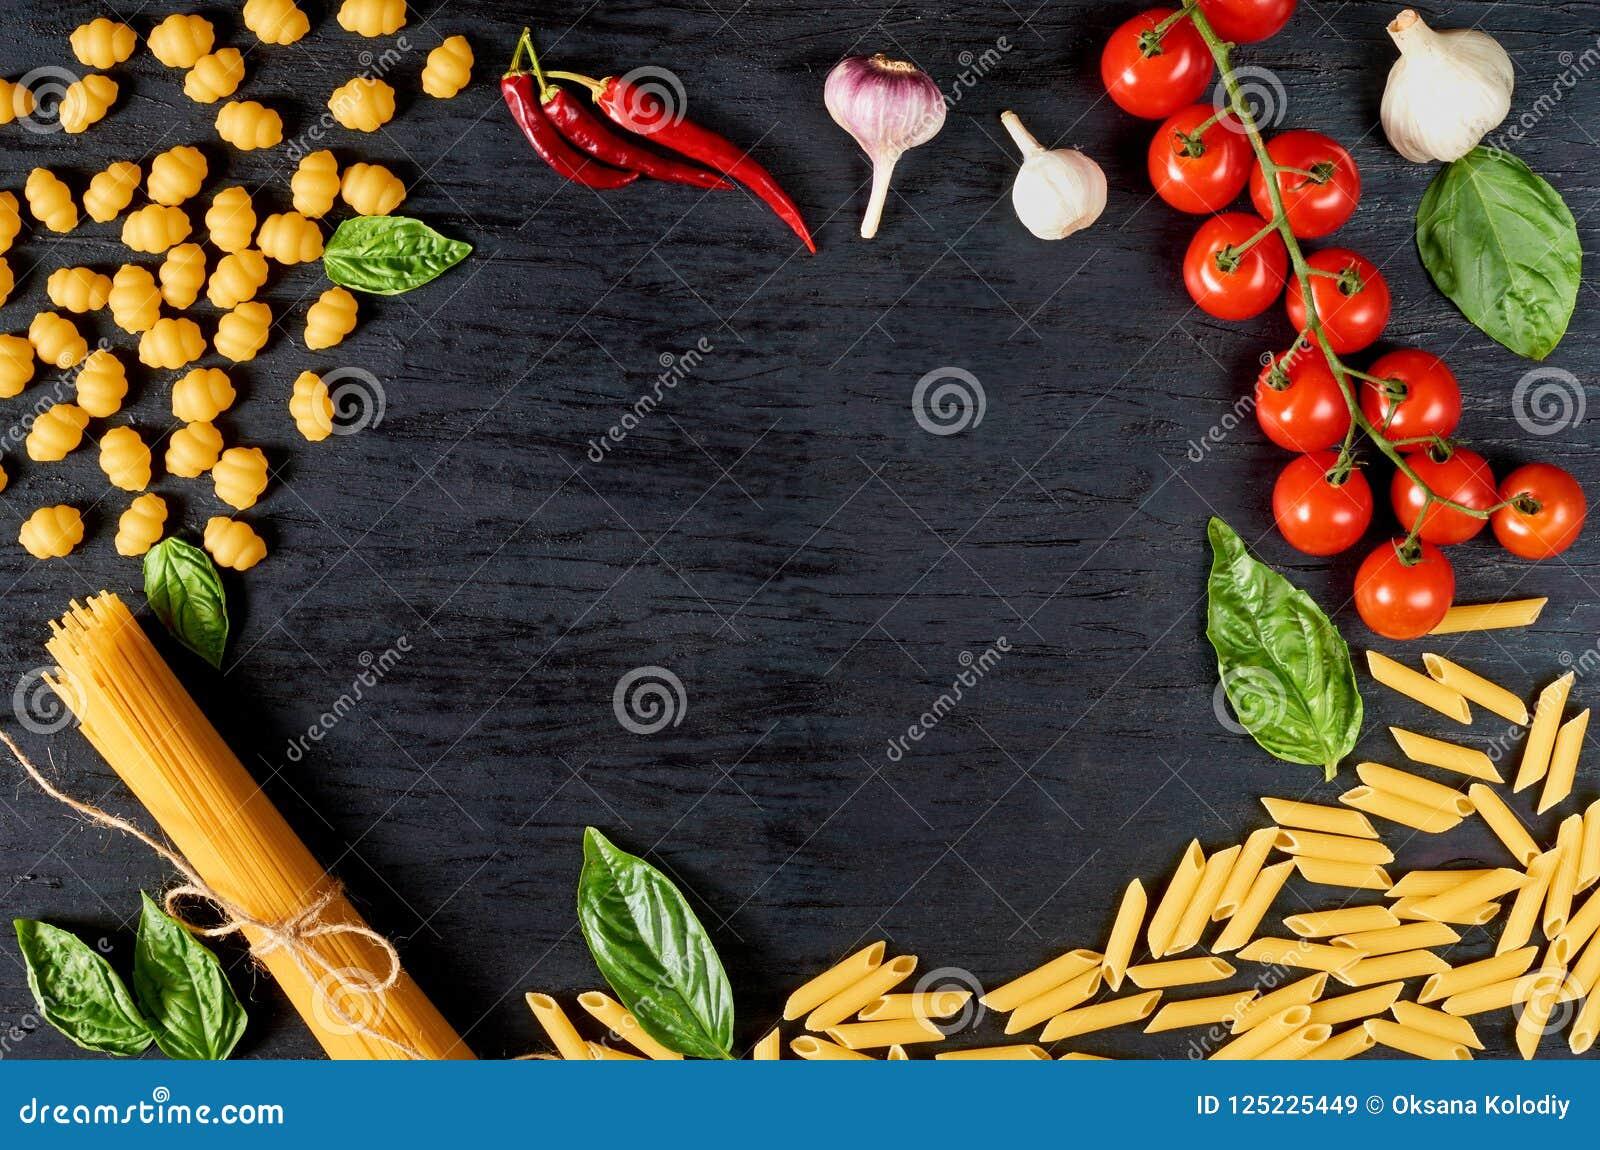 Ram av italiensk traditionell mat, kryddor och ingredienser för att laga mat som basilika, körsbärsröda tomater, chilipeppar, vit